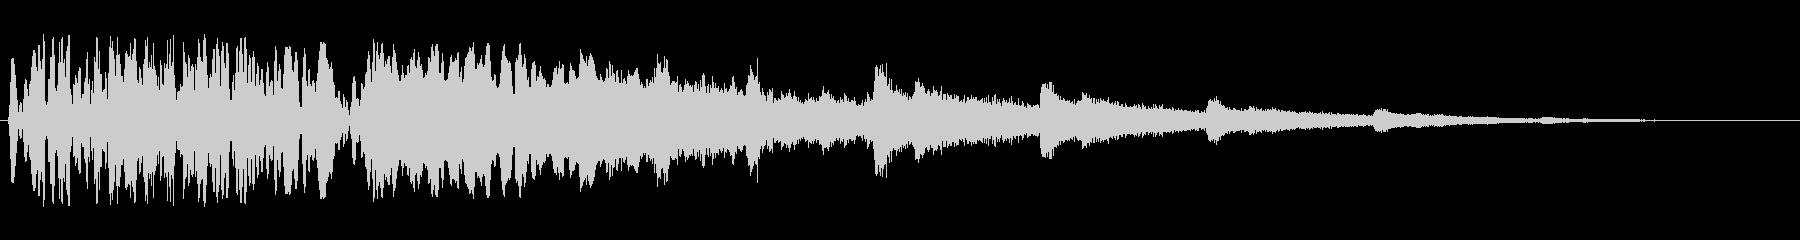 ブワッキラキラ(高低組み合わせの効果音)の未再生の波形